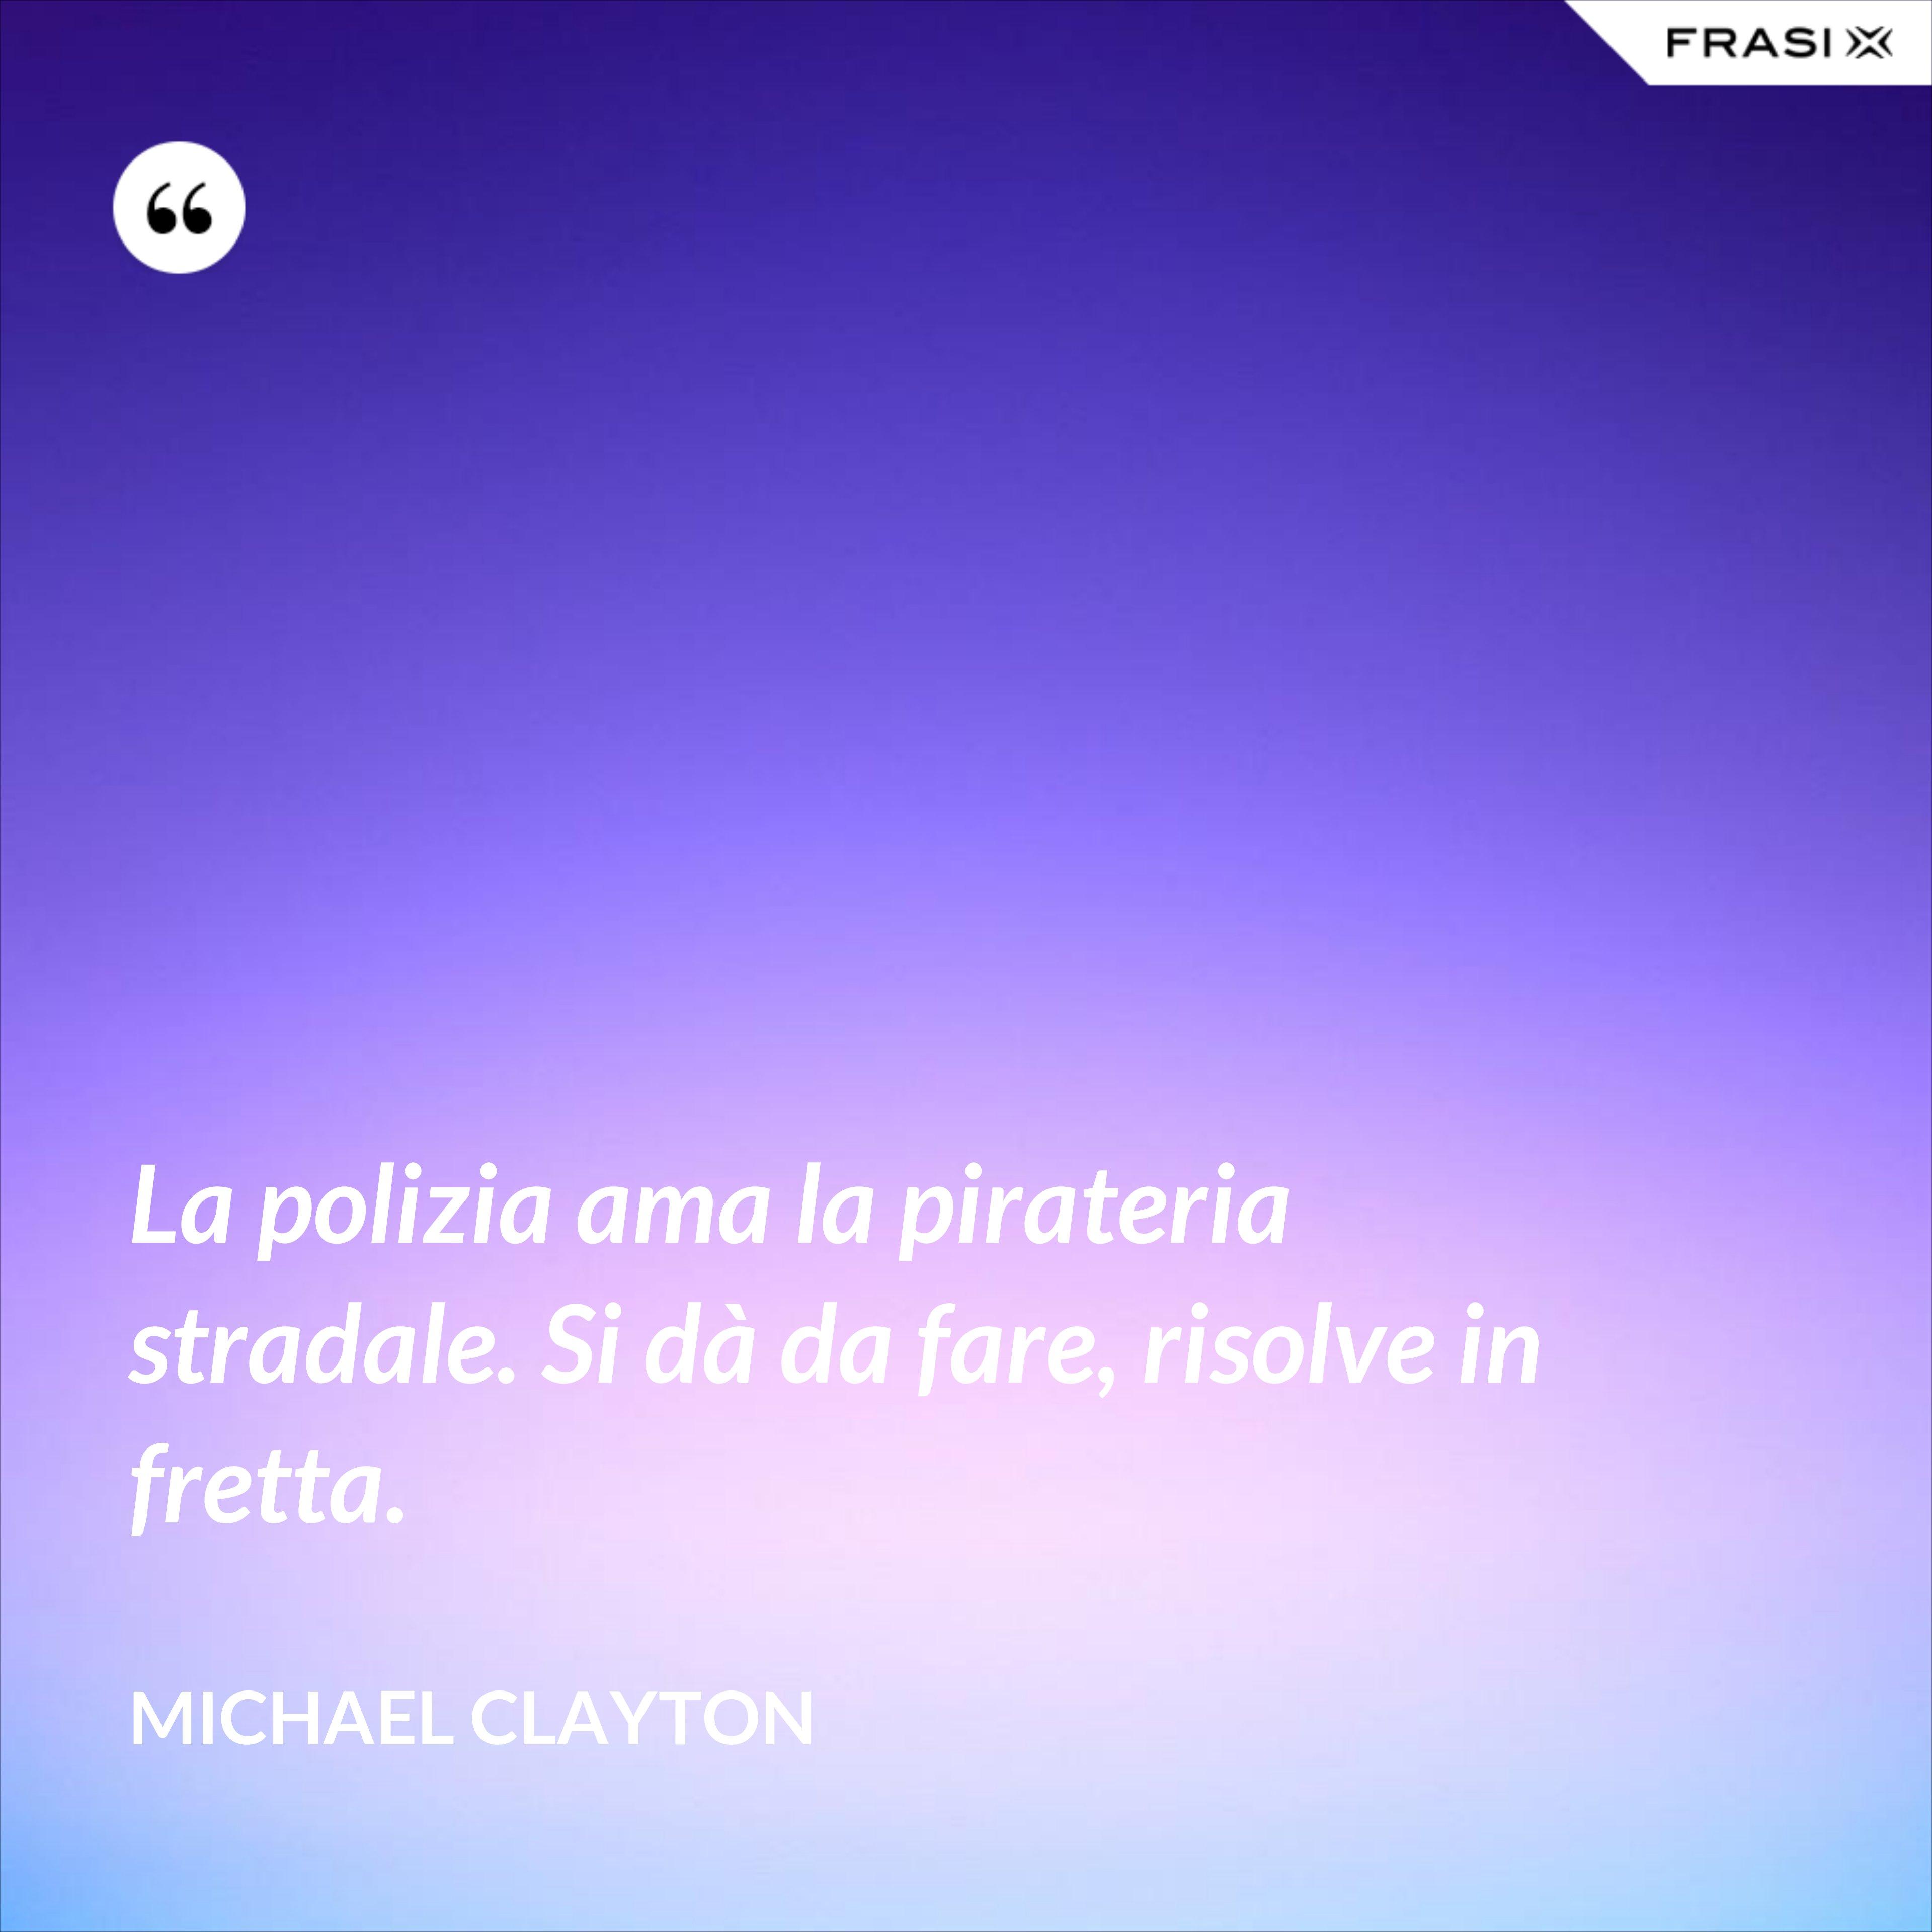 La polizia ama la pirateria stradale. Si dà da fare, risolve in fretta. - Michael Clayton